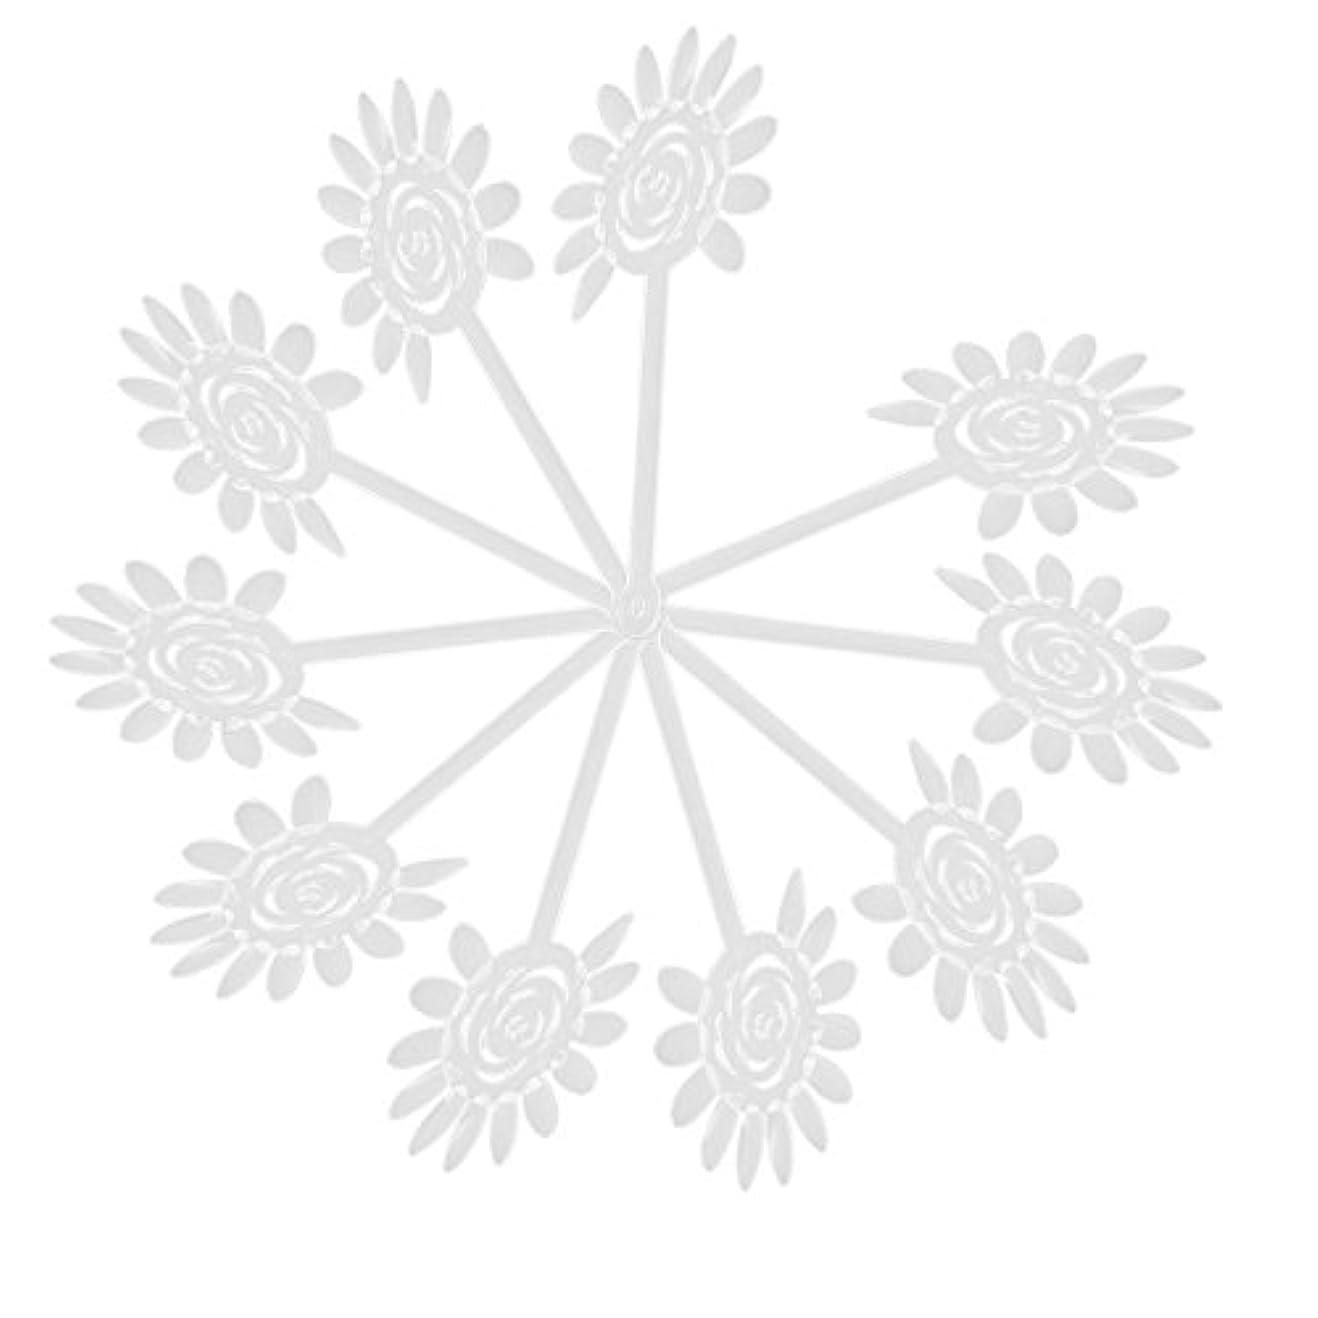 より多い羊飼い回転するVaorwne Vaorwne(R)10Xアクリル透明ネイルアートチップディスプレイファンカードプレート ネイルDIYツール